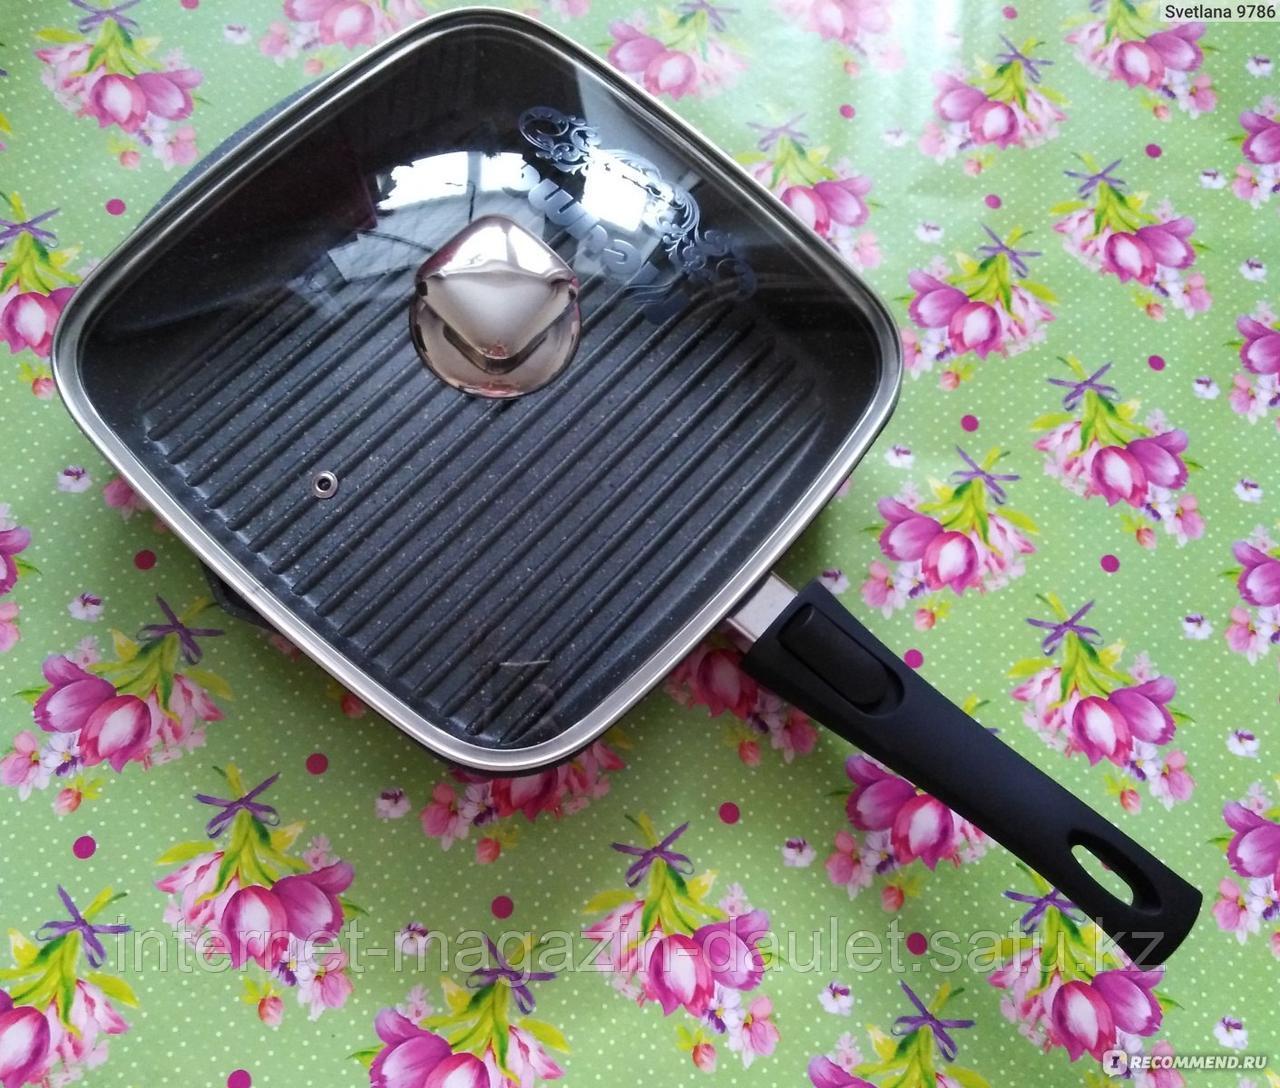 Сковорода-гриль квадр. 24*24 Гранит со съёмной ручкой и стеклянной крышкой